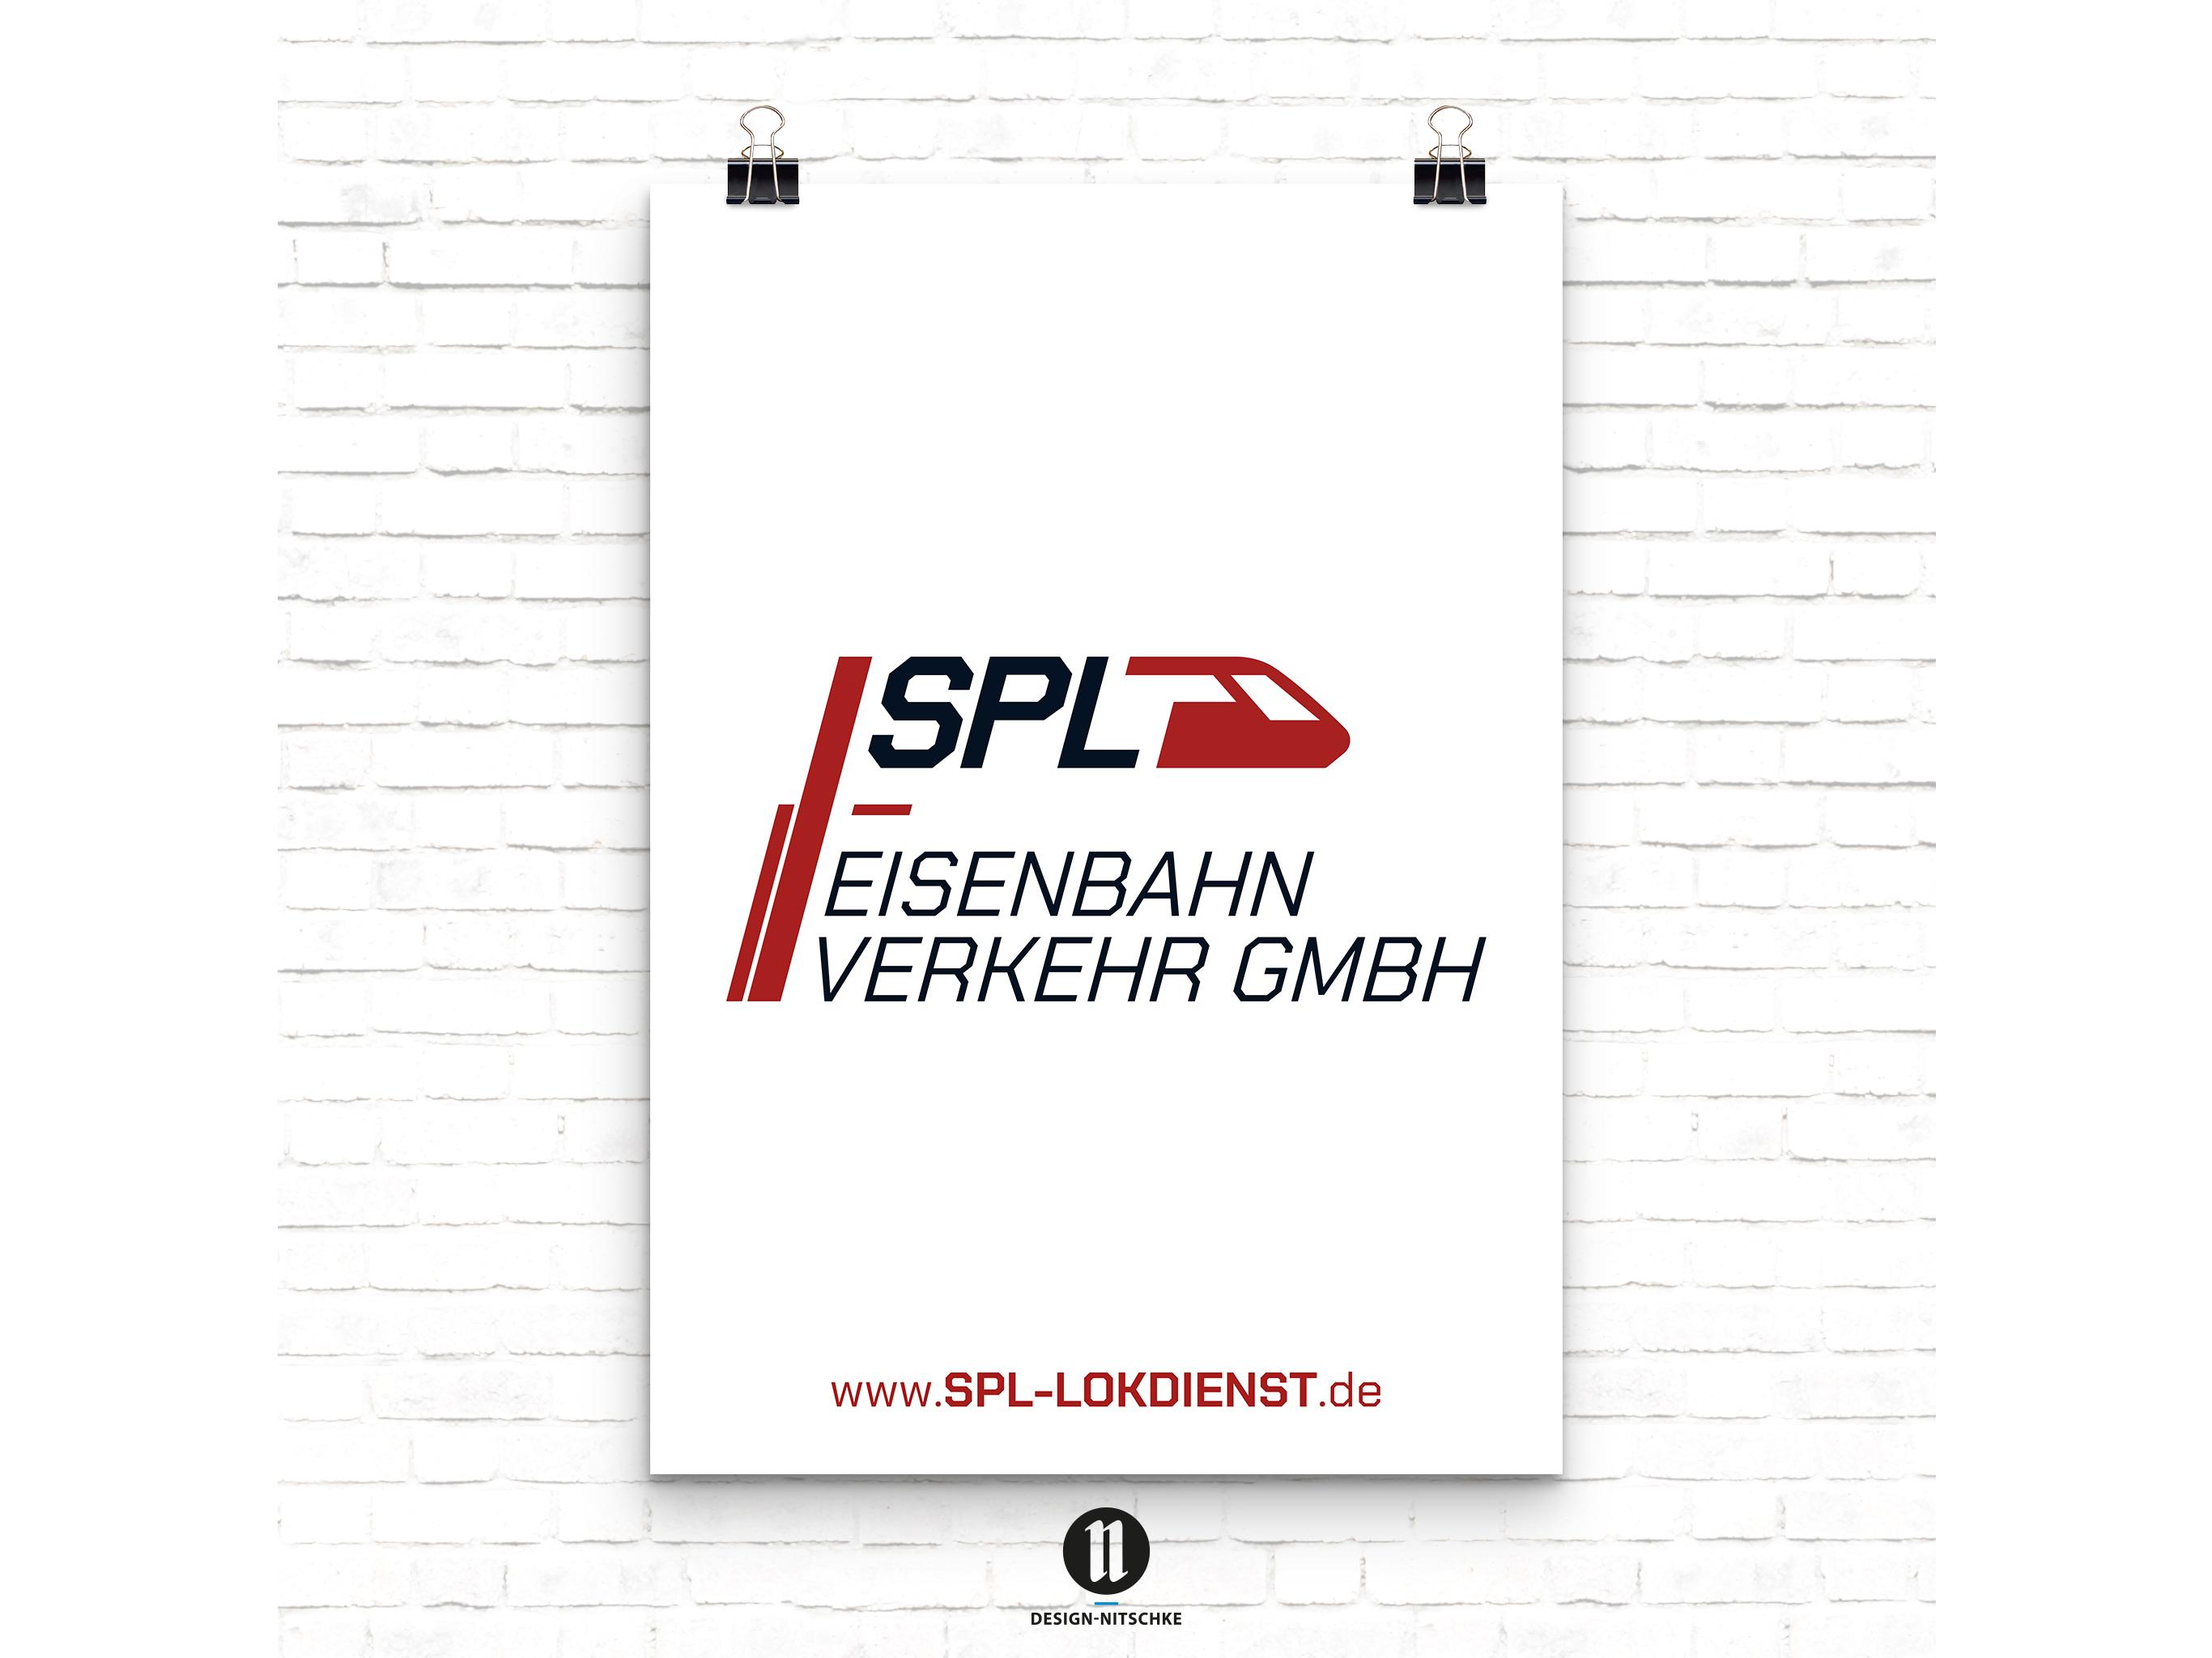 design_werbeagentur_oranienburg_nitschke_weiss_rot_spl_lokdienst_eisenbahnverkehr_logo.jpg